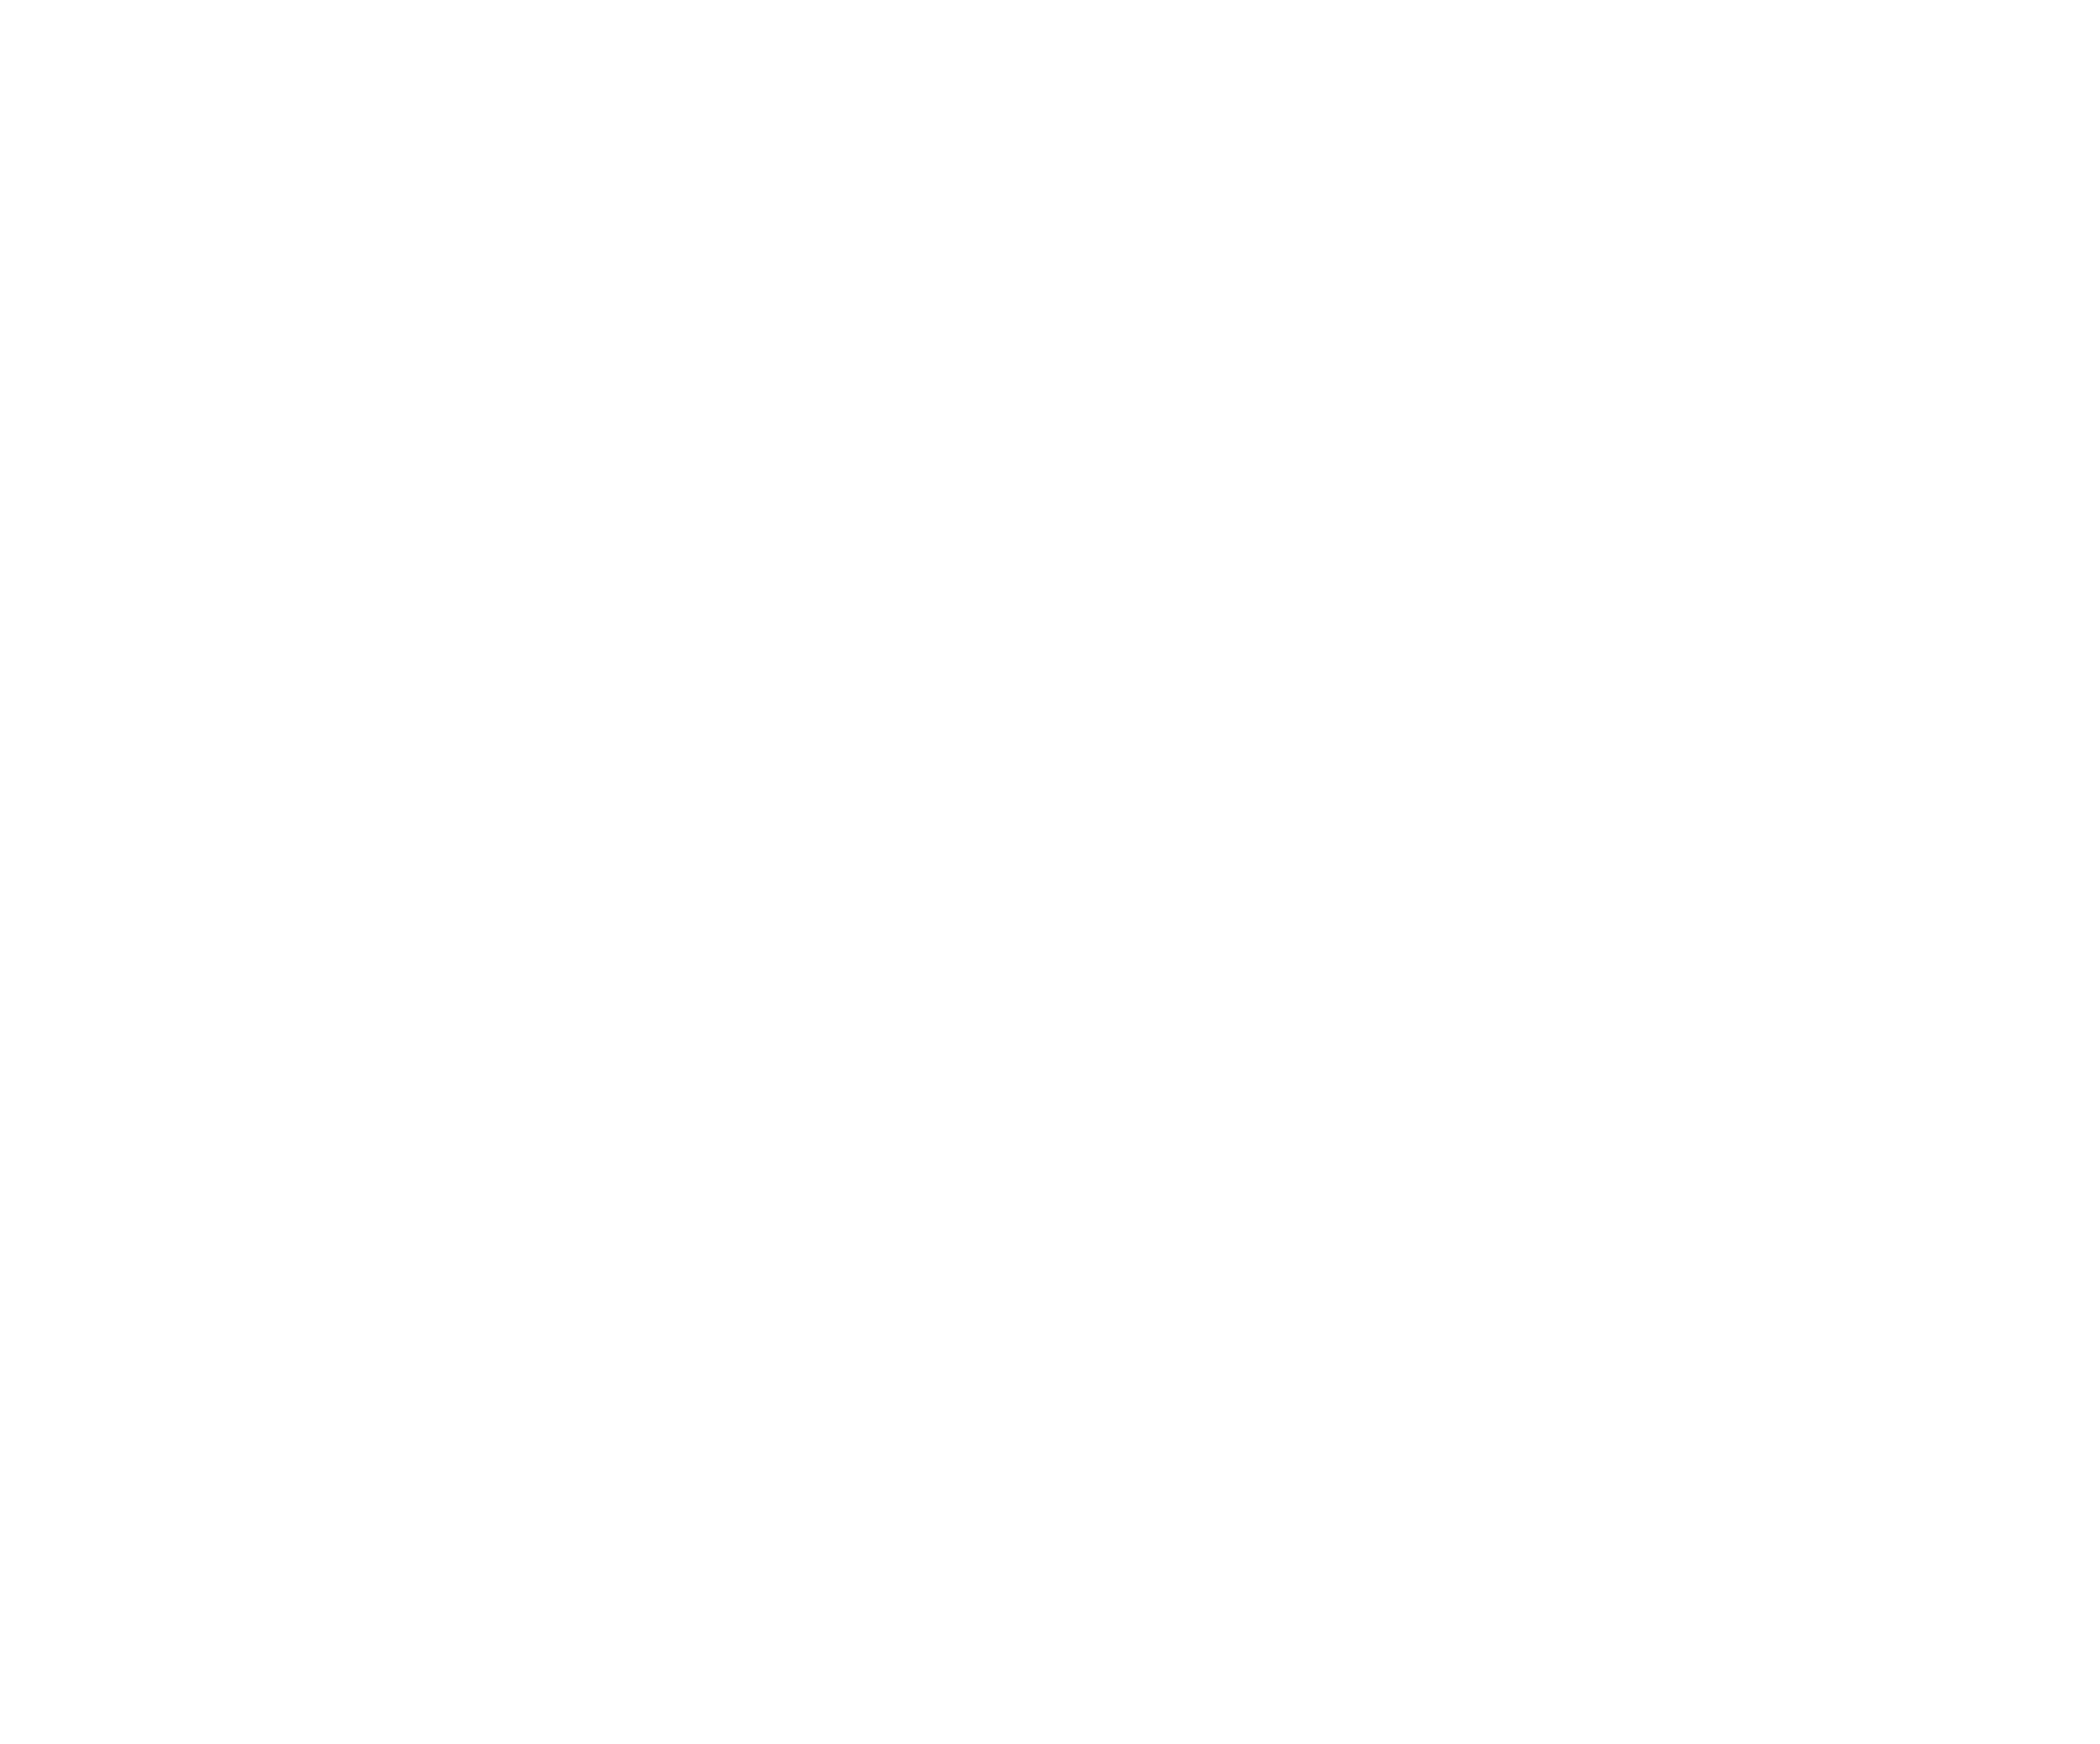 José Graterol Designs